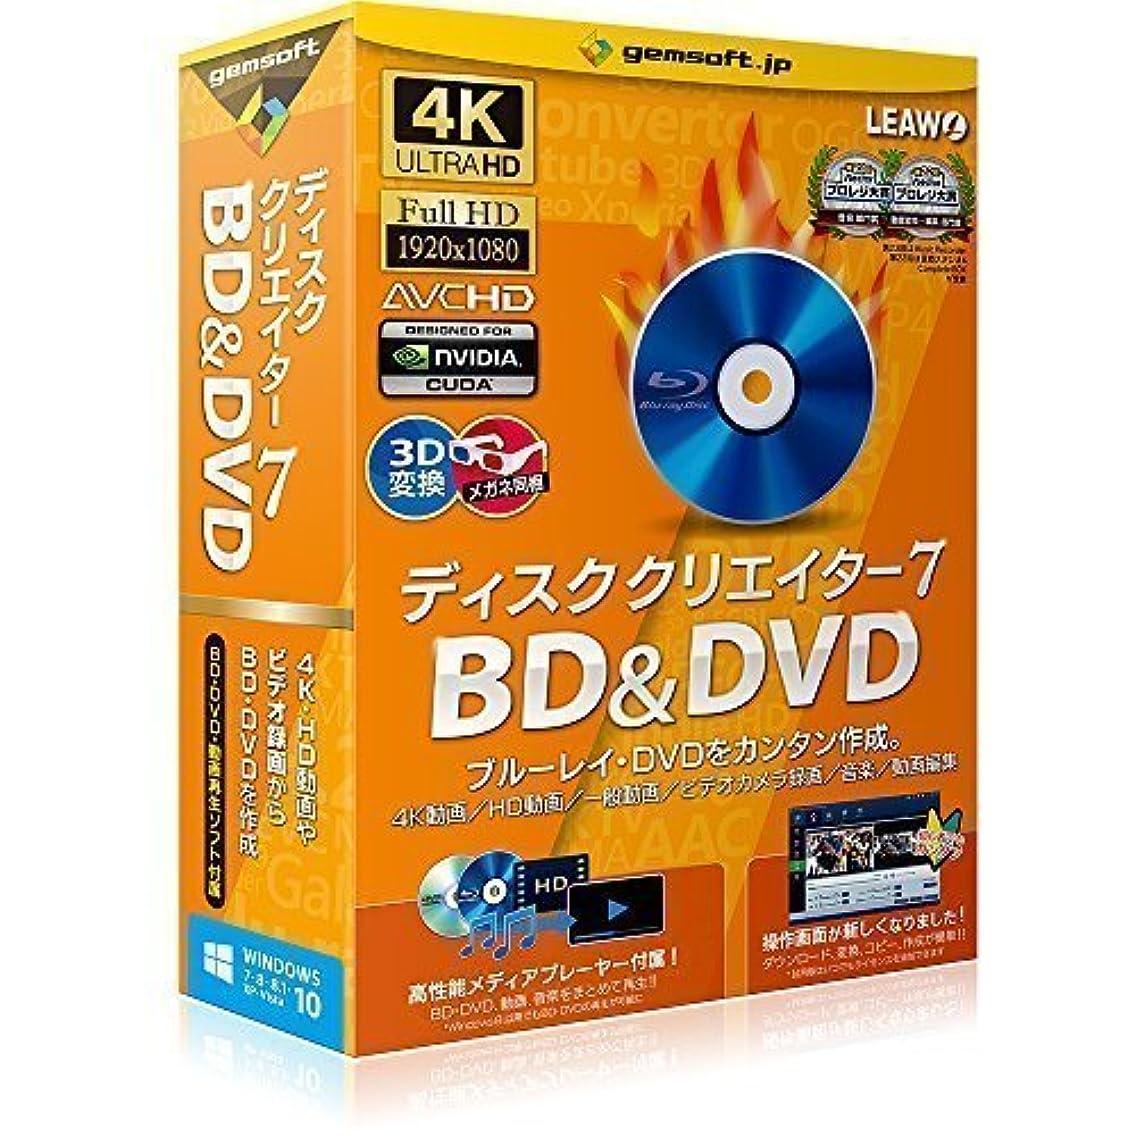 私たち自身ステーキ期待ディスククリエイター7 BD&DVD   変換スタジオ7シリーズ   ボックス版   Win対応